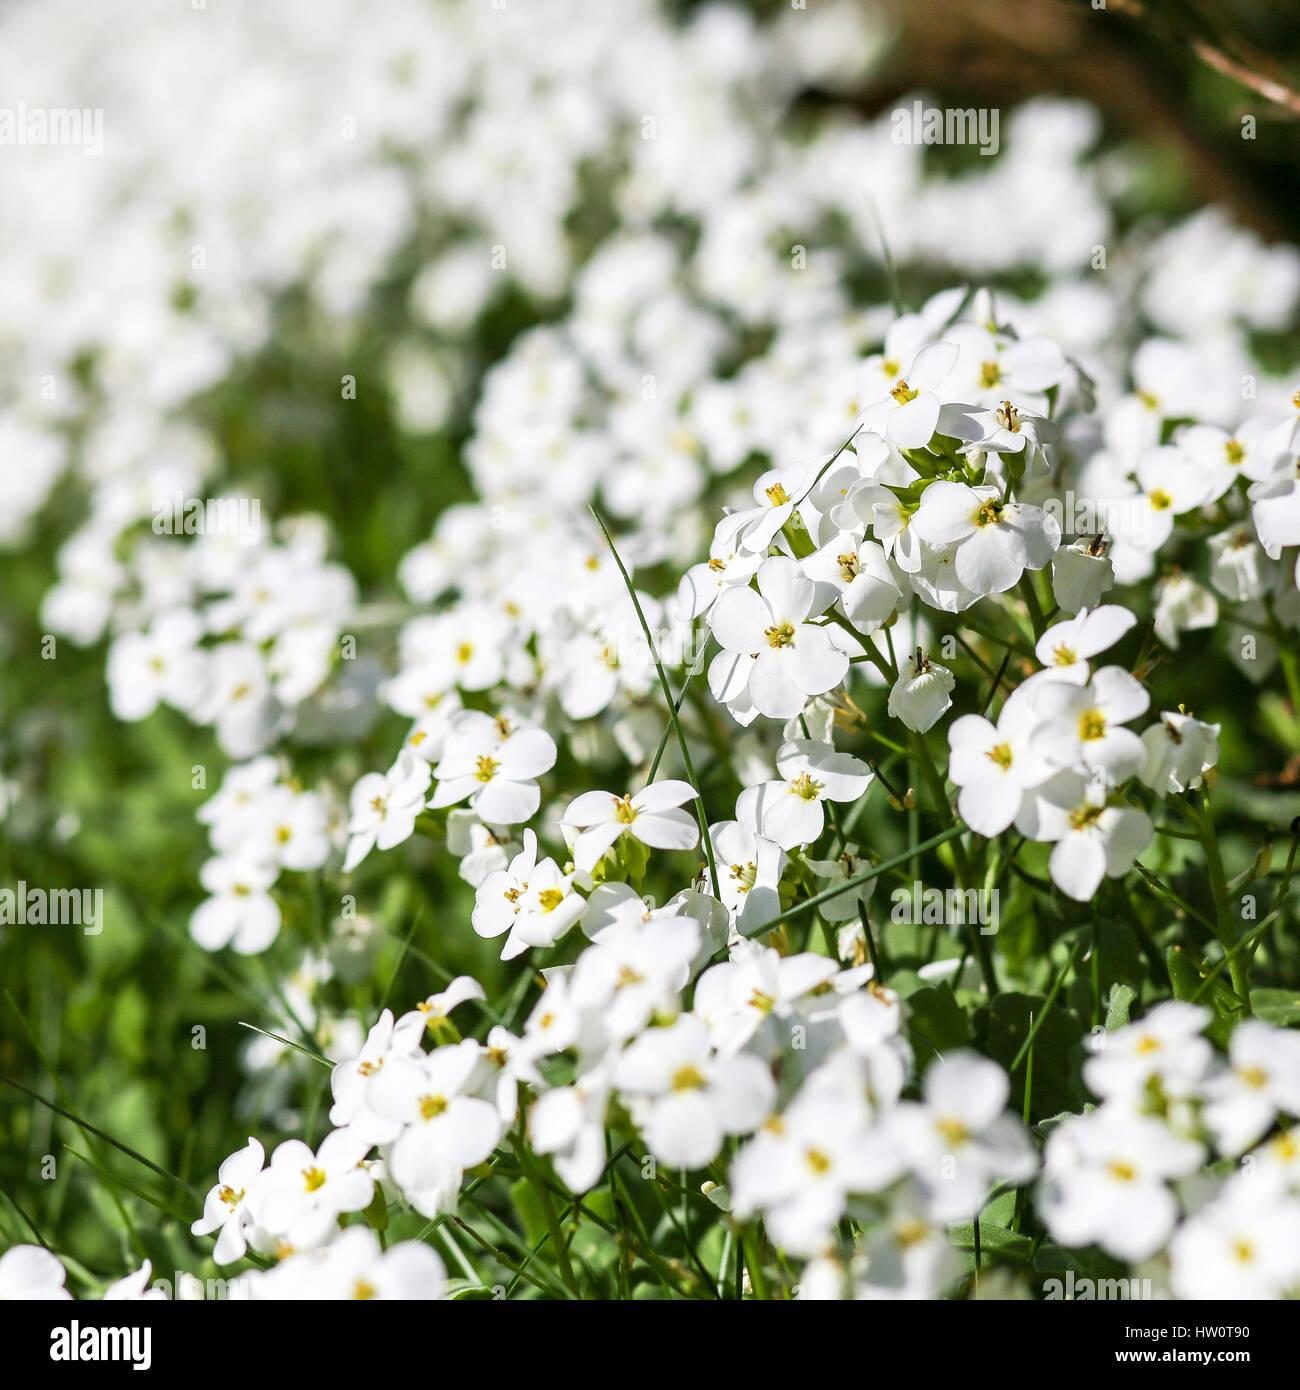 Four Petals Stock Photos Four Petals Stock Images Alamy